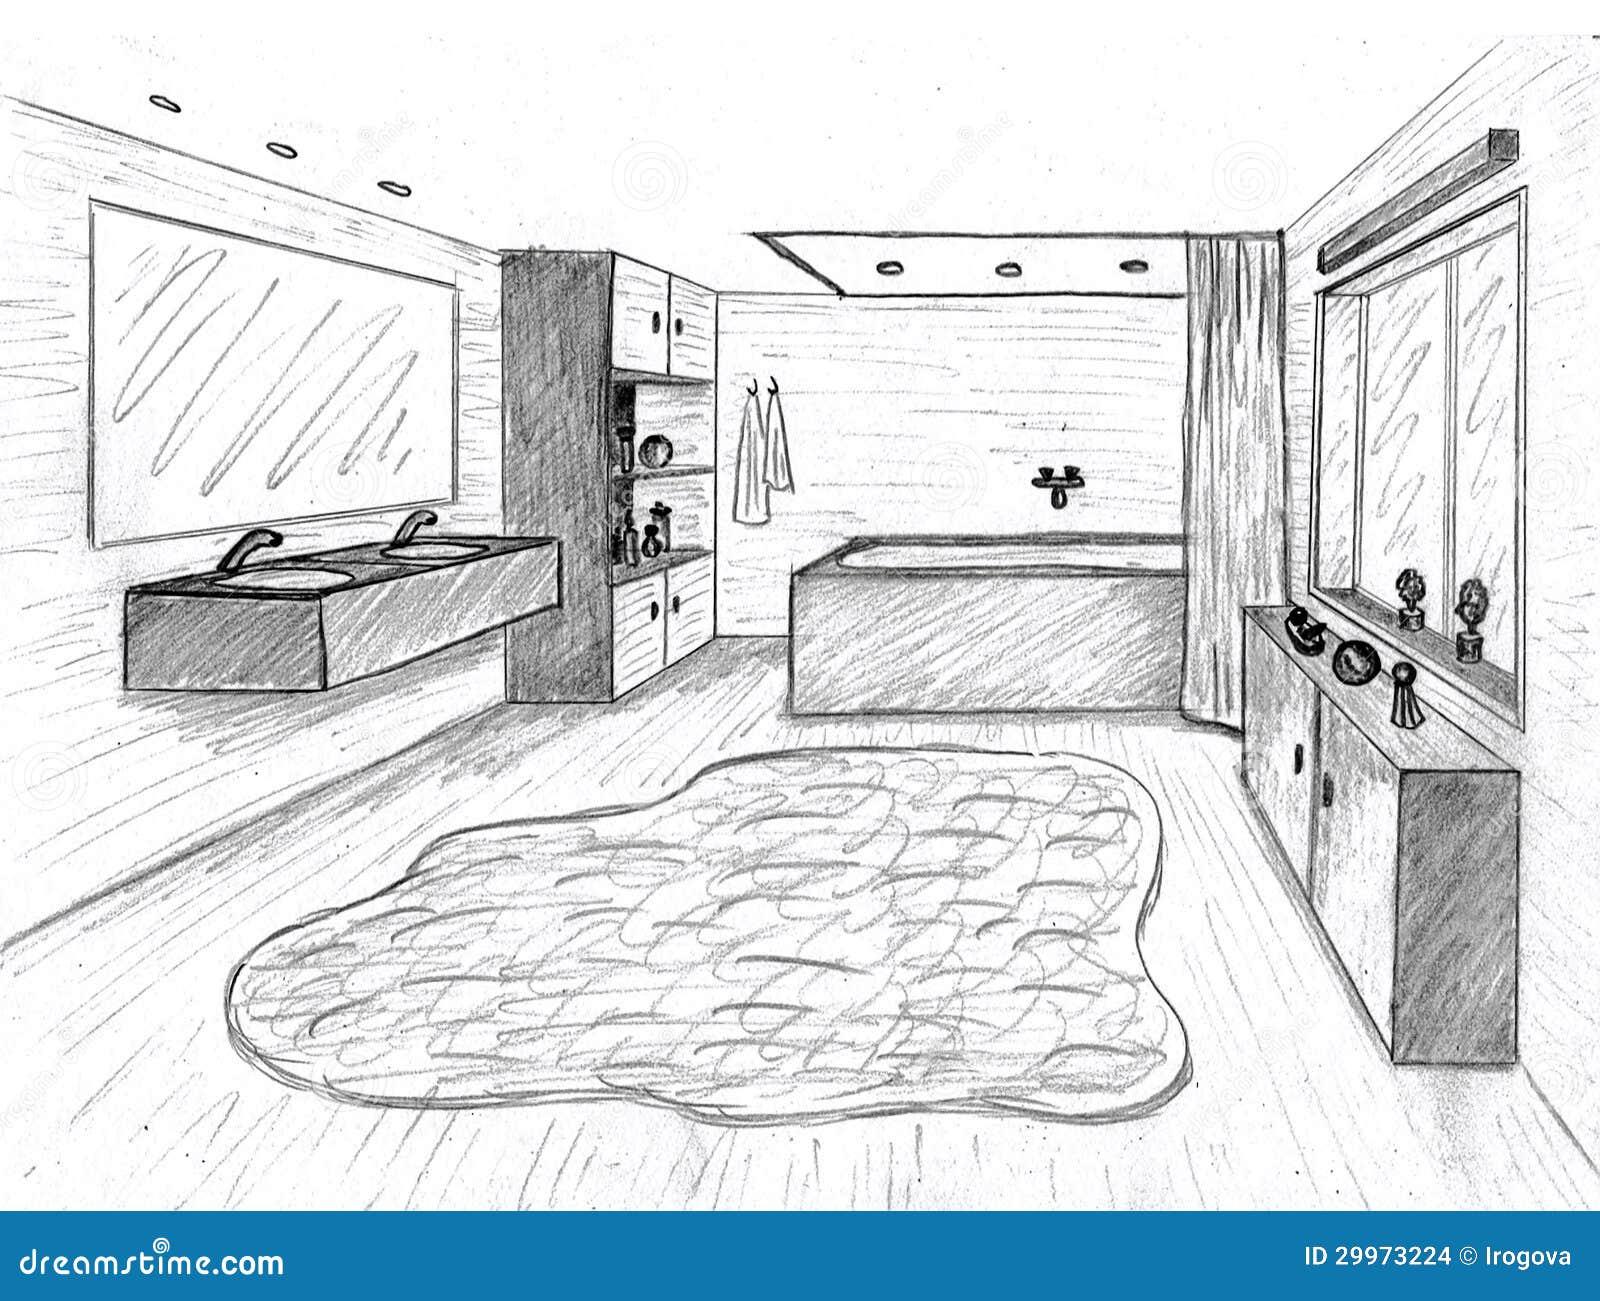 Schizzo grafico immagini stock immagine 29973224 for Schizzo di piani di casa gratuiti